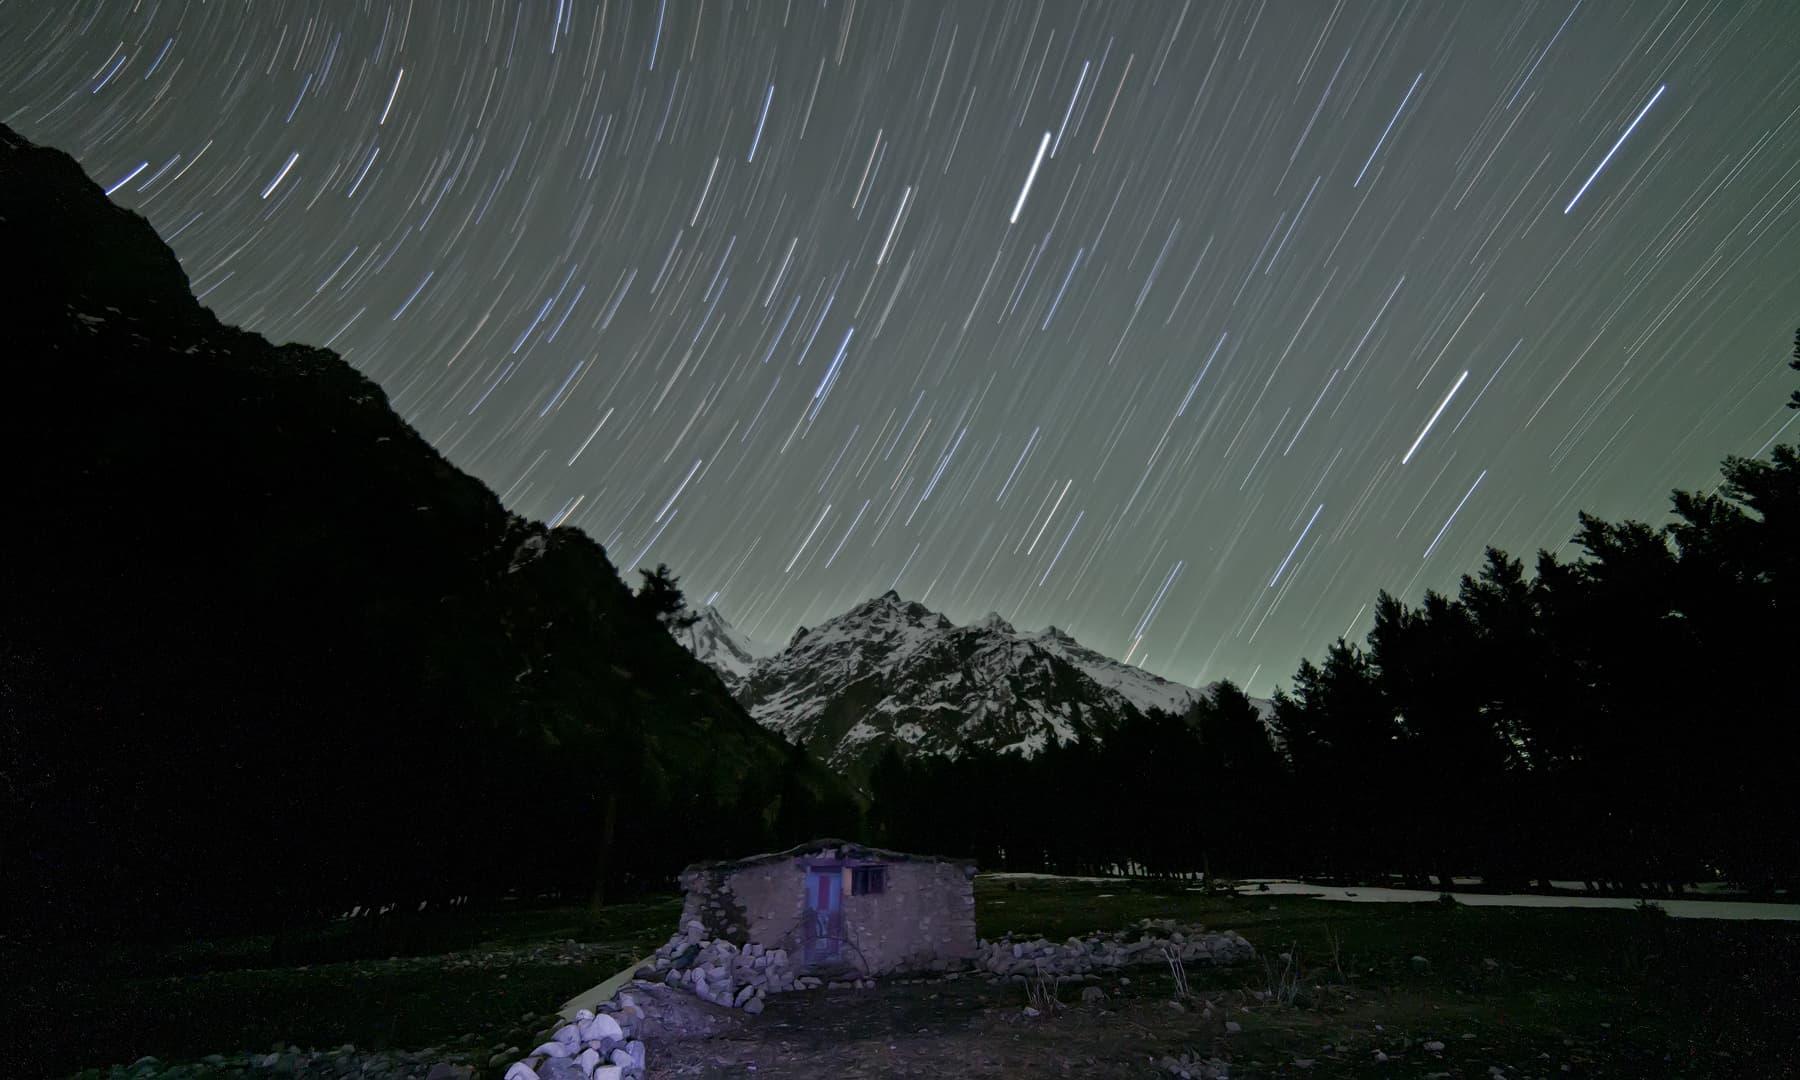 نلتر کی ایک رات — فوٹو سید مہدی بخاری